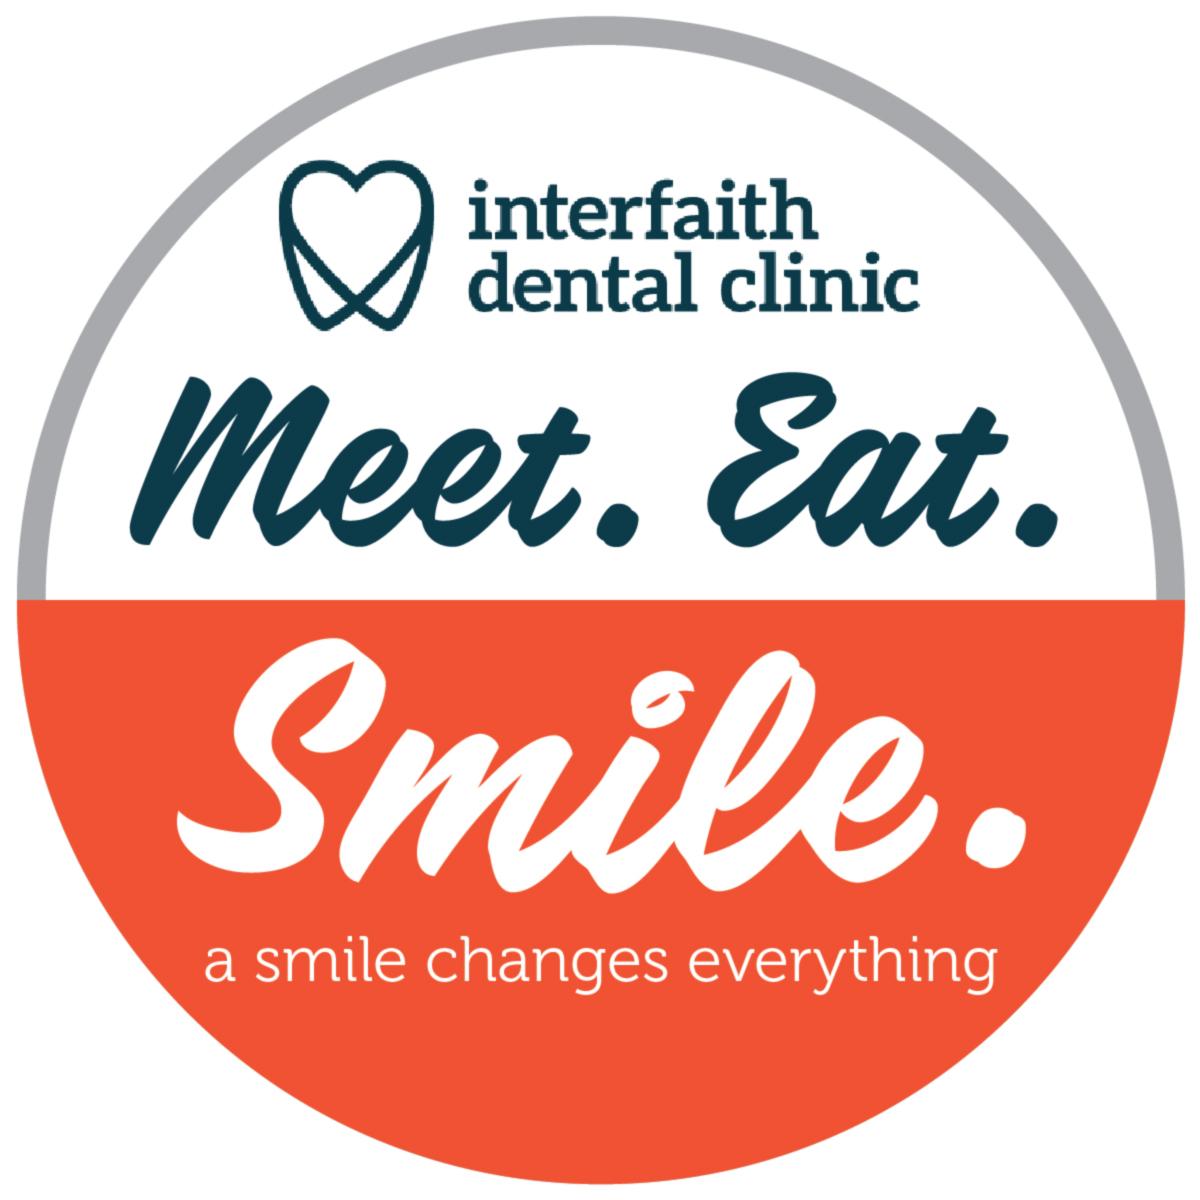 InterfaithMeetEatSmile-Logo